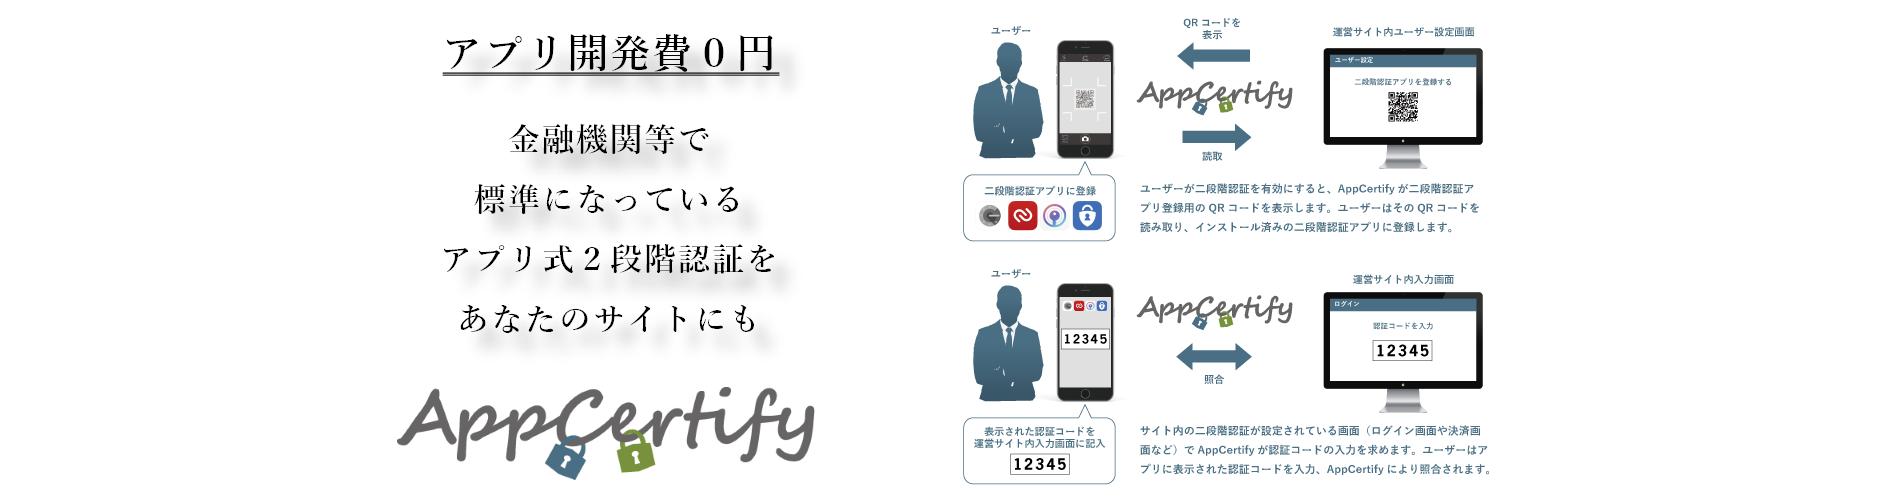 スマートフォンアプリ認証型 2段階認証構築システム 「AppCertify」